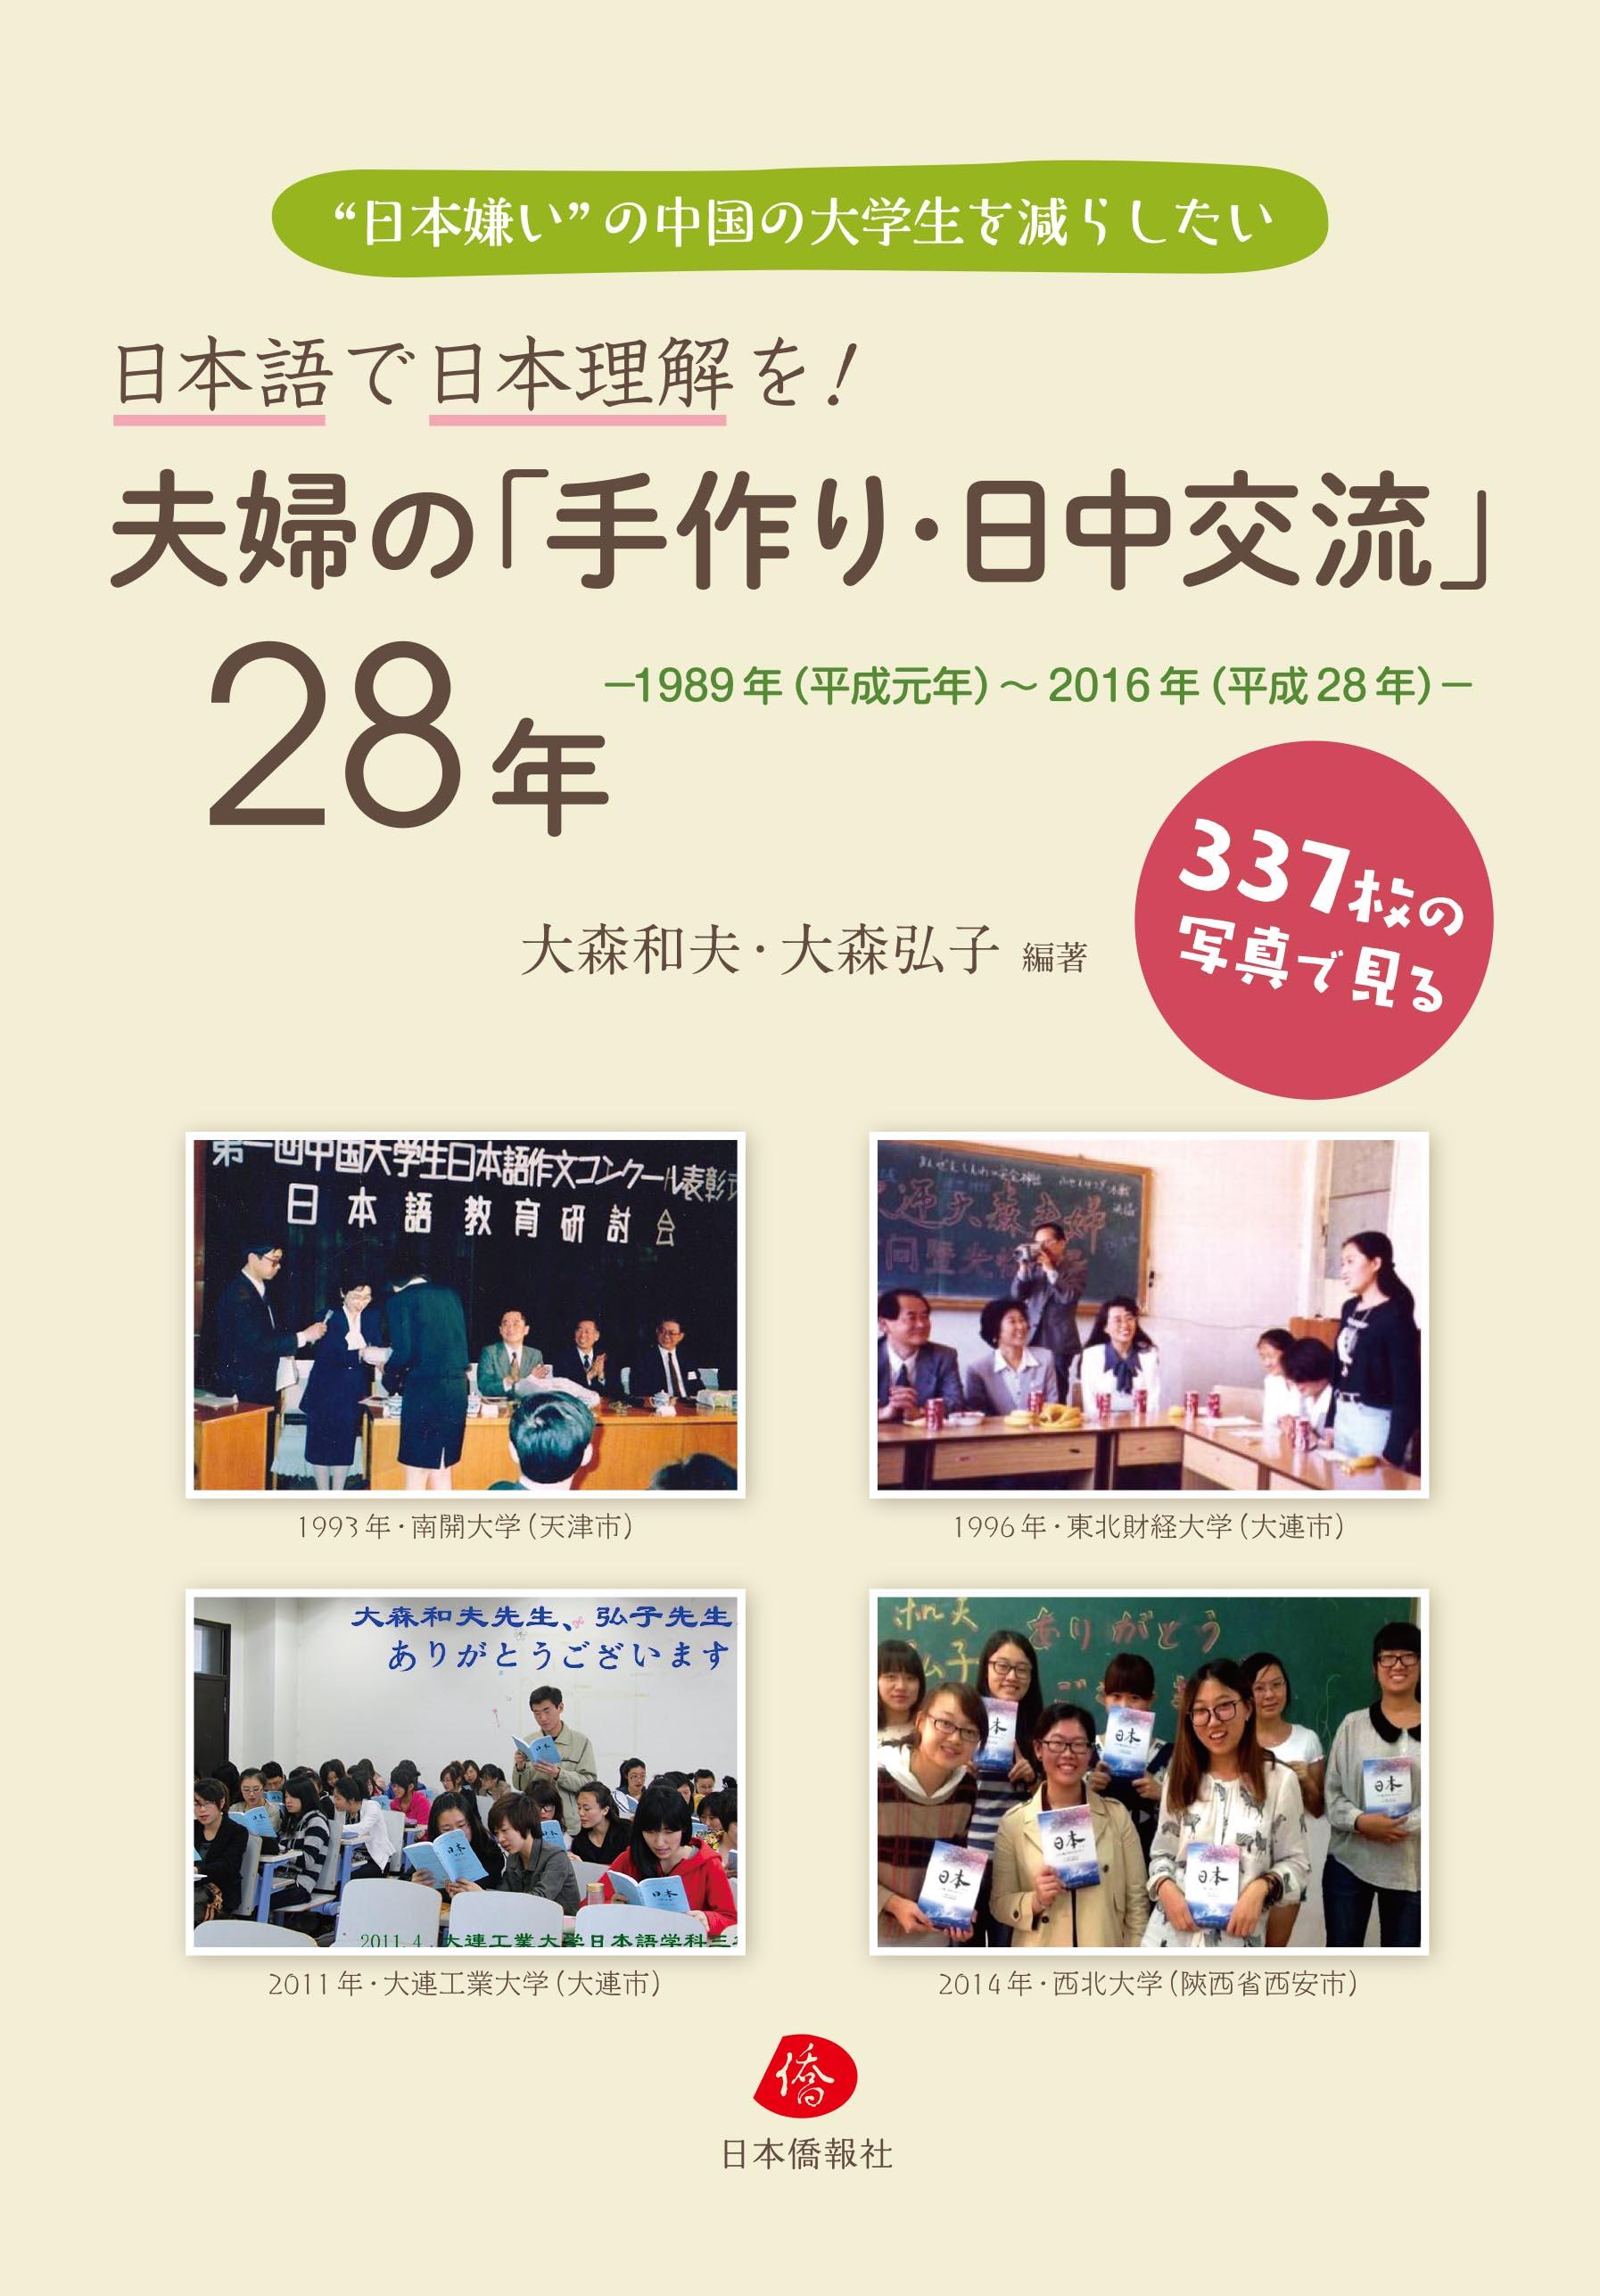 日本の本当の姿を中国の若者たちに伝える実践の書。『夫婦の「手作り・日中交流」28年』、間もなく発売。_d0027795_1134040.jpg